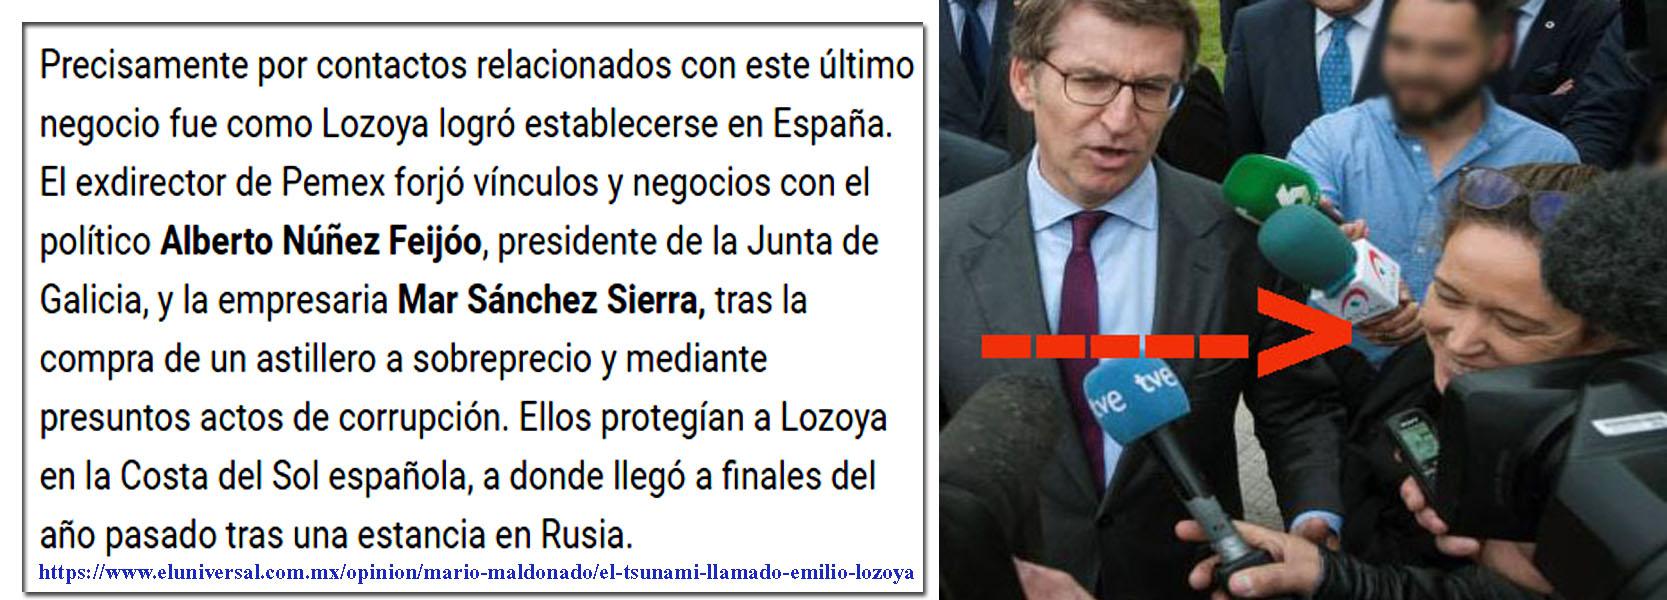 Las vinculaciones de Feijóo y Mar Sánchez Sierra con la corrupción ...